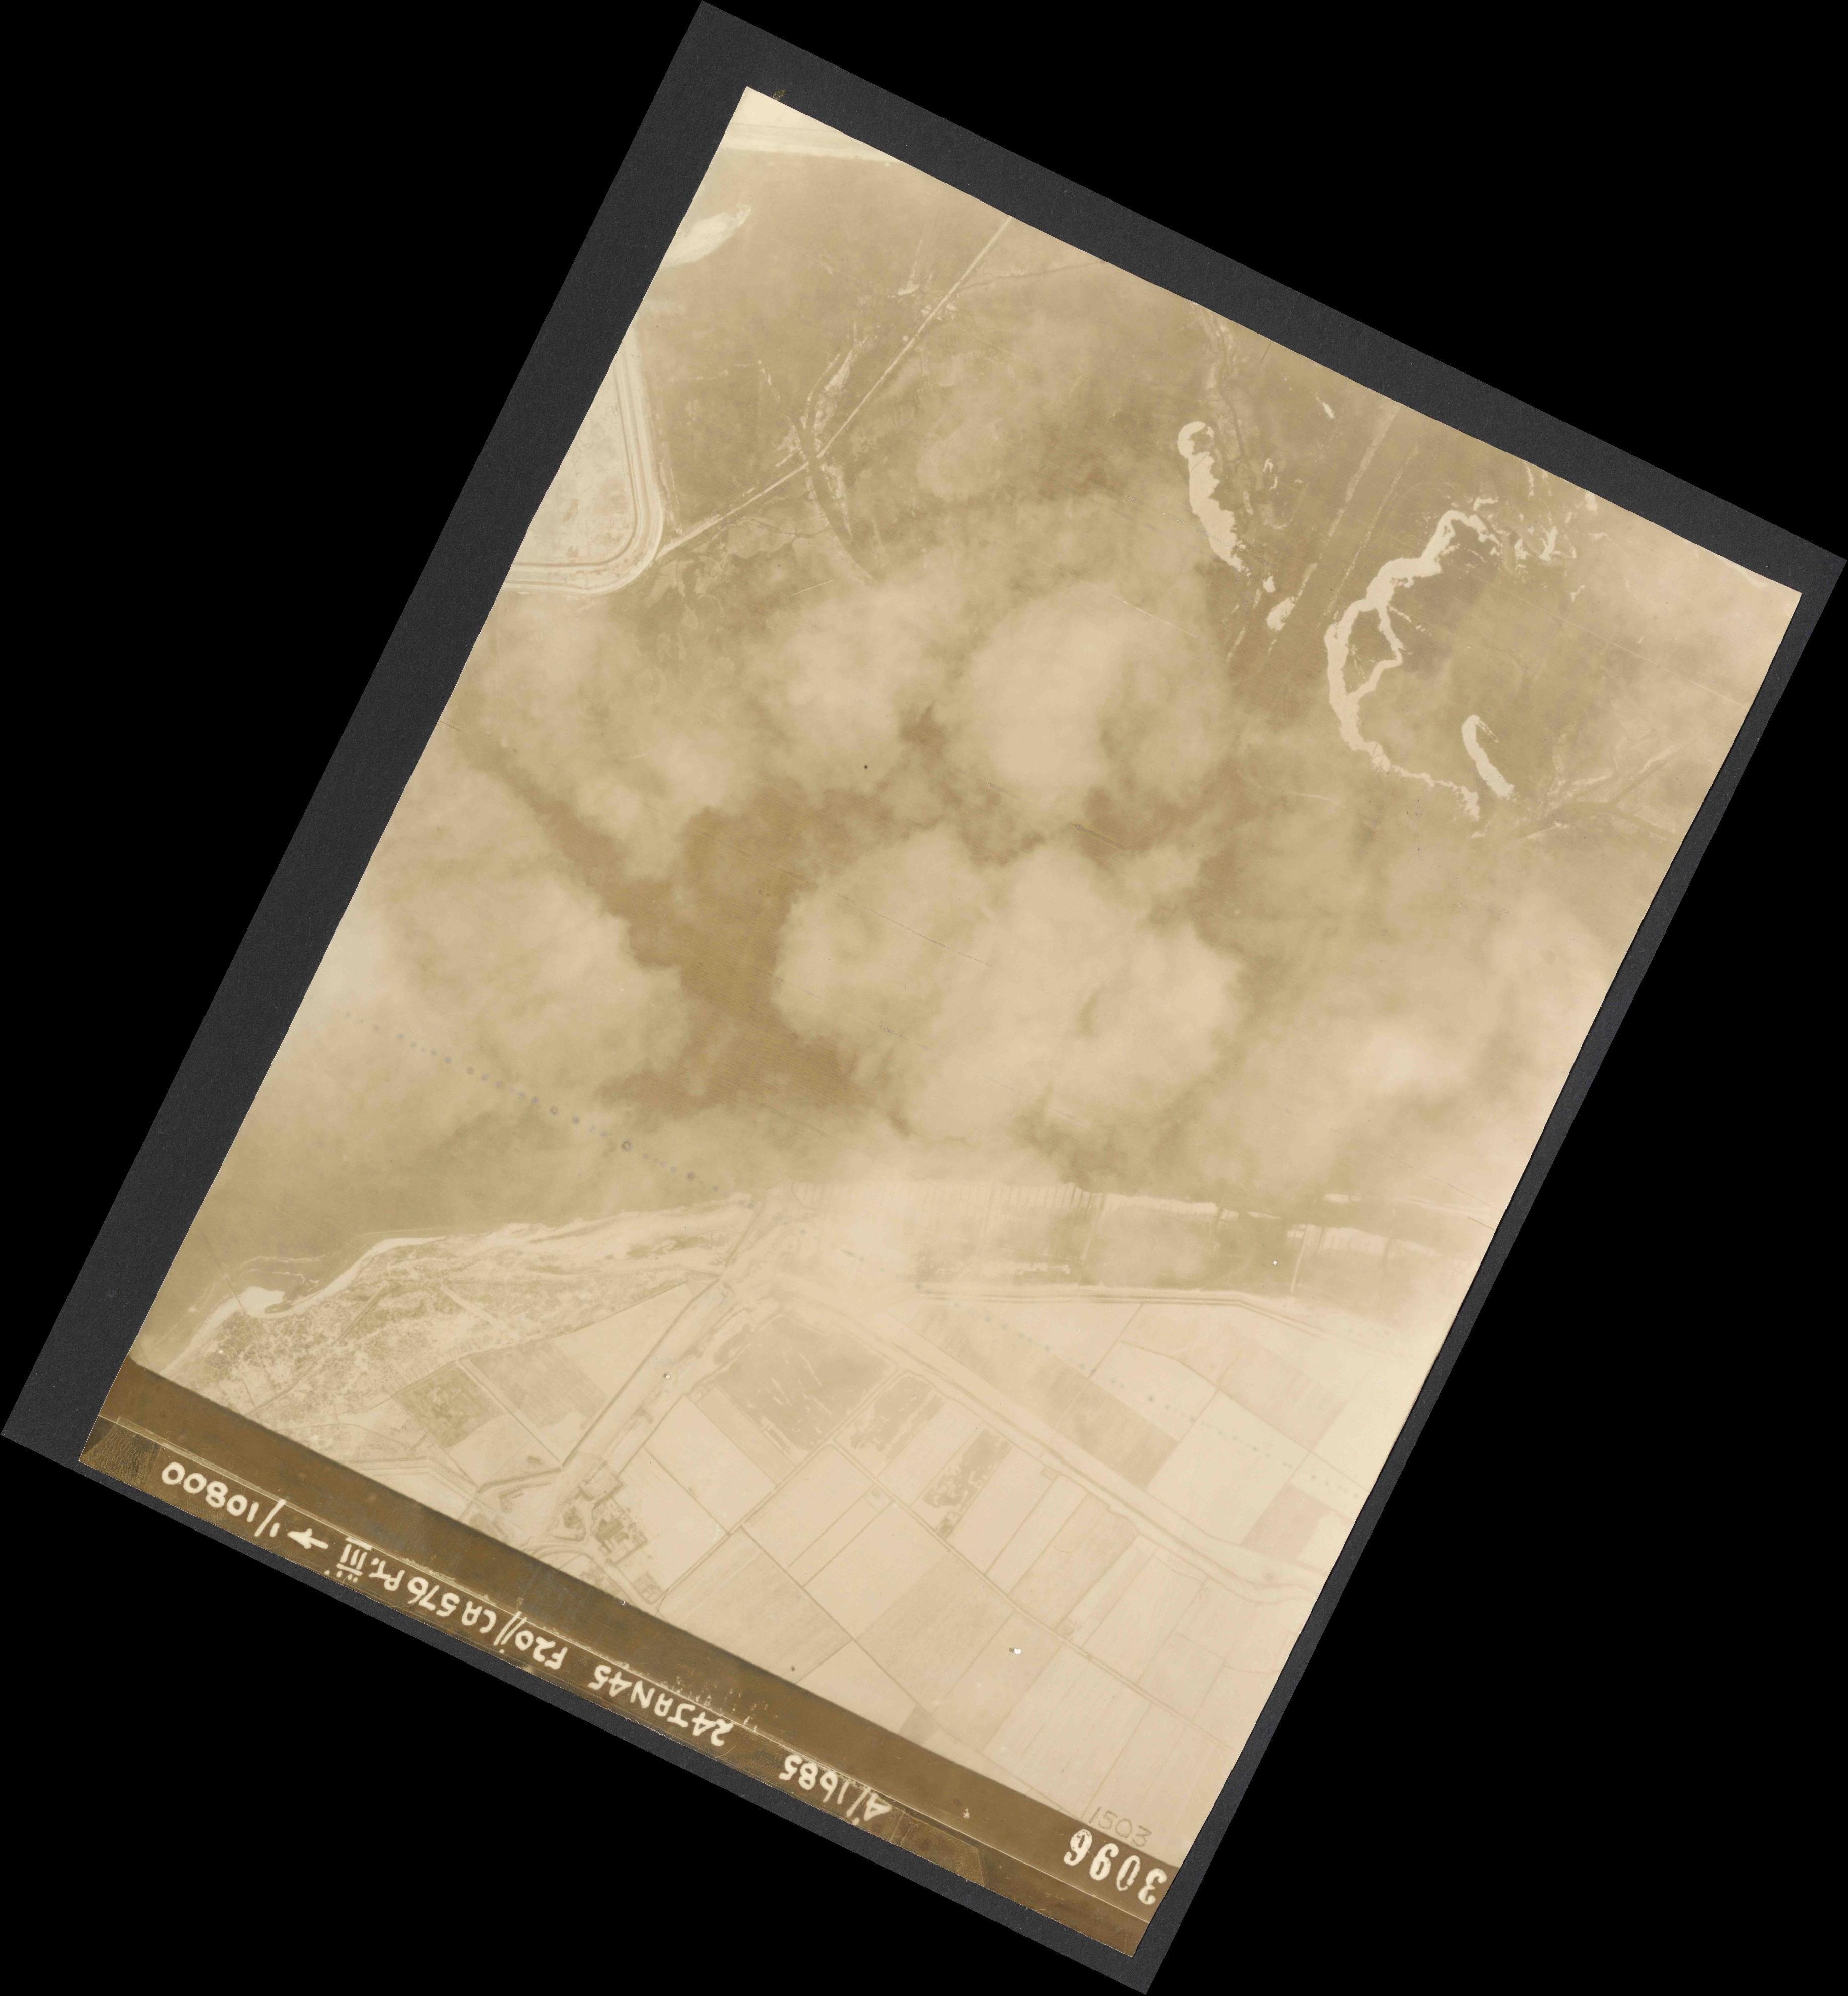 Collection RAF aerial photos 1940-1945 - flight 086, run 04, photo 3096